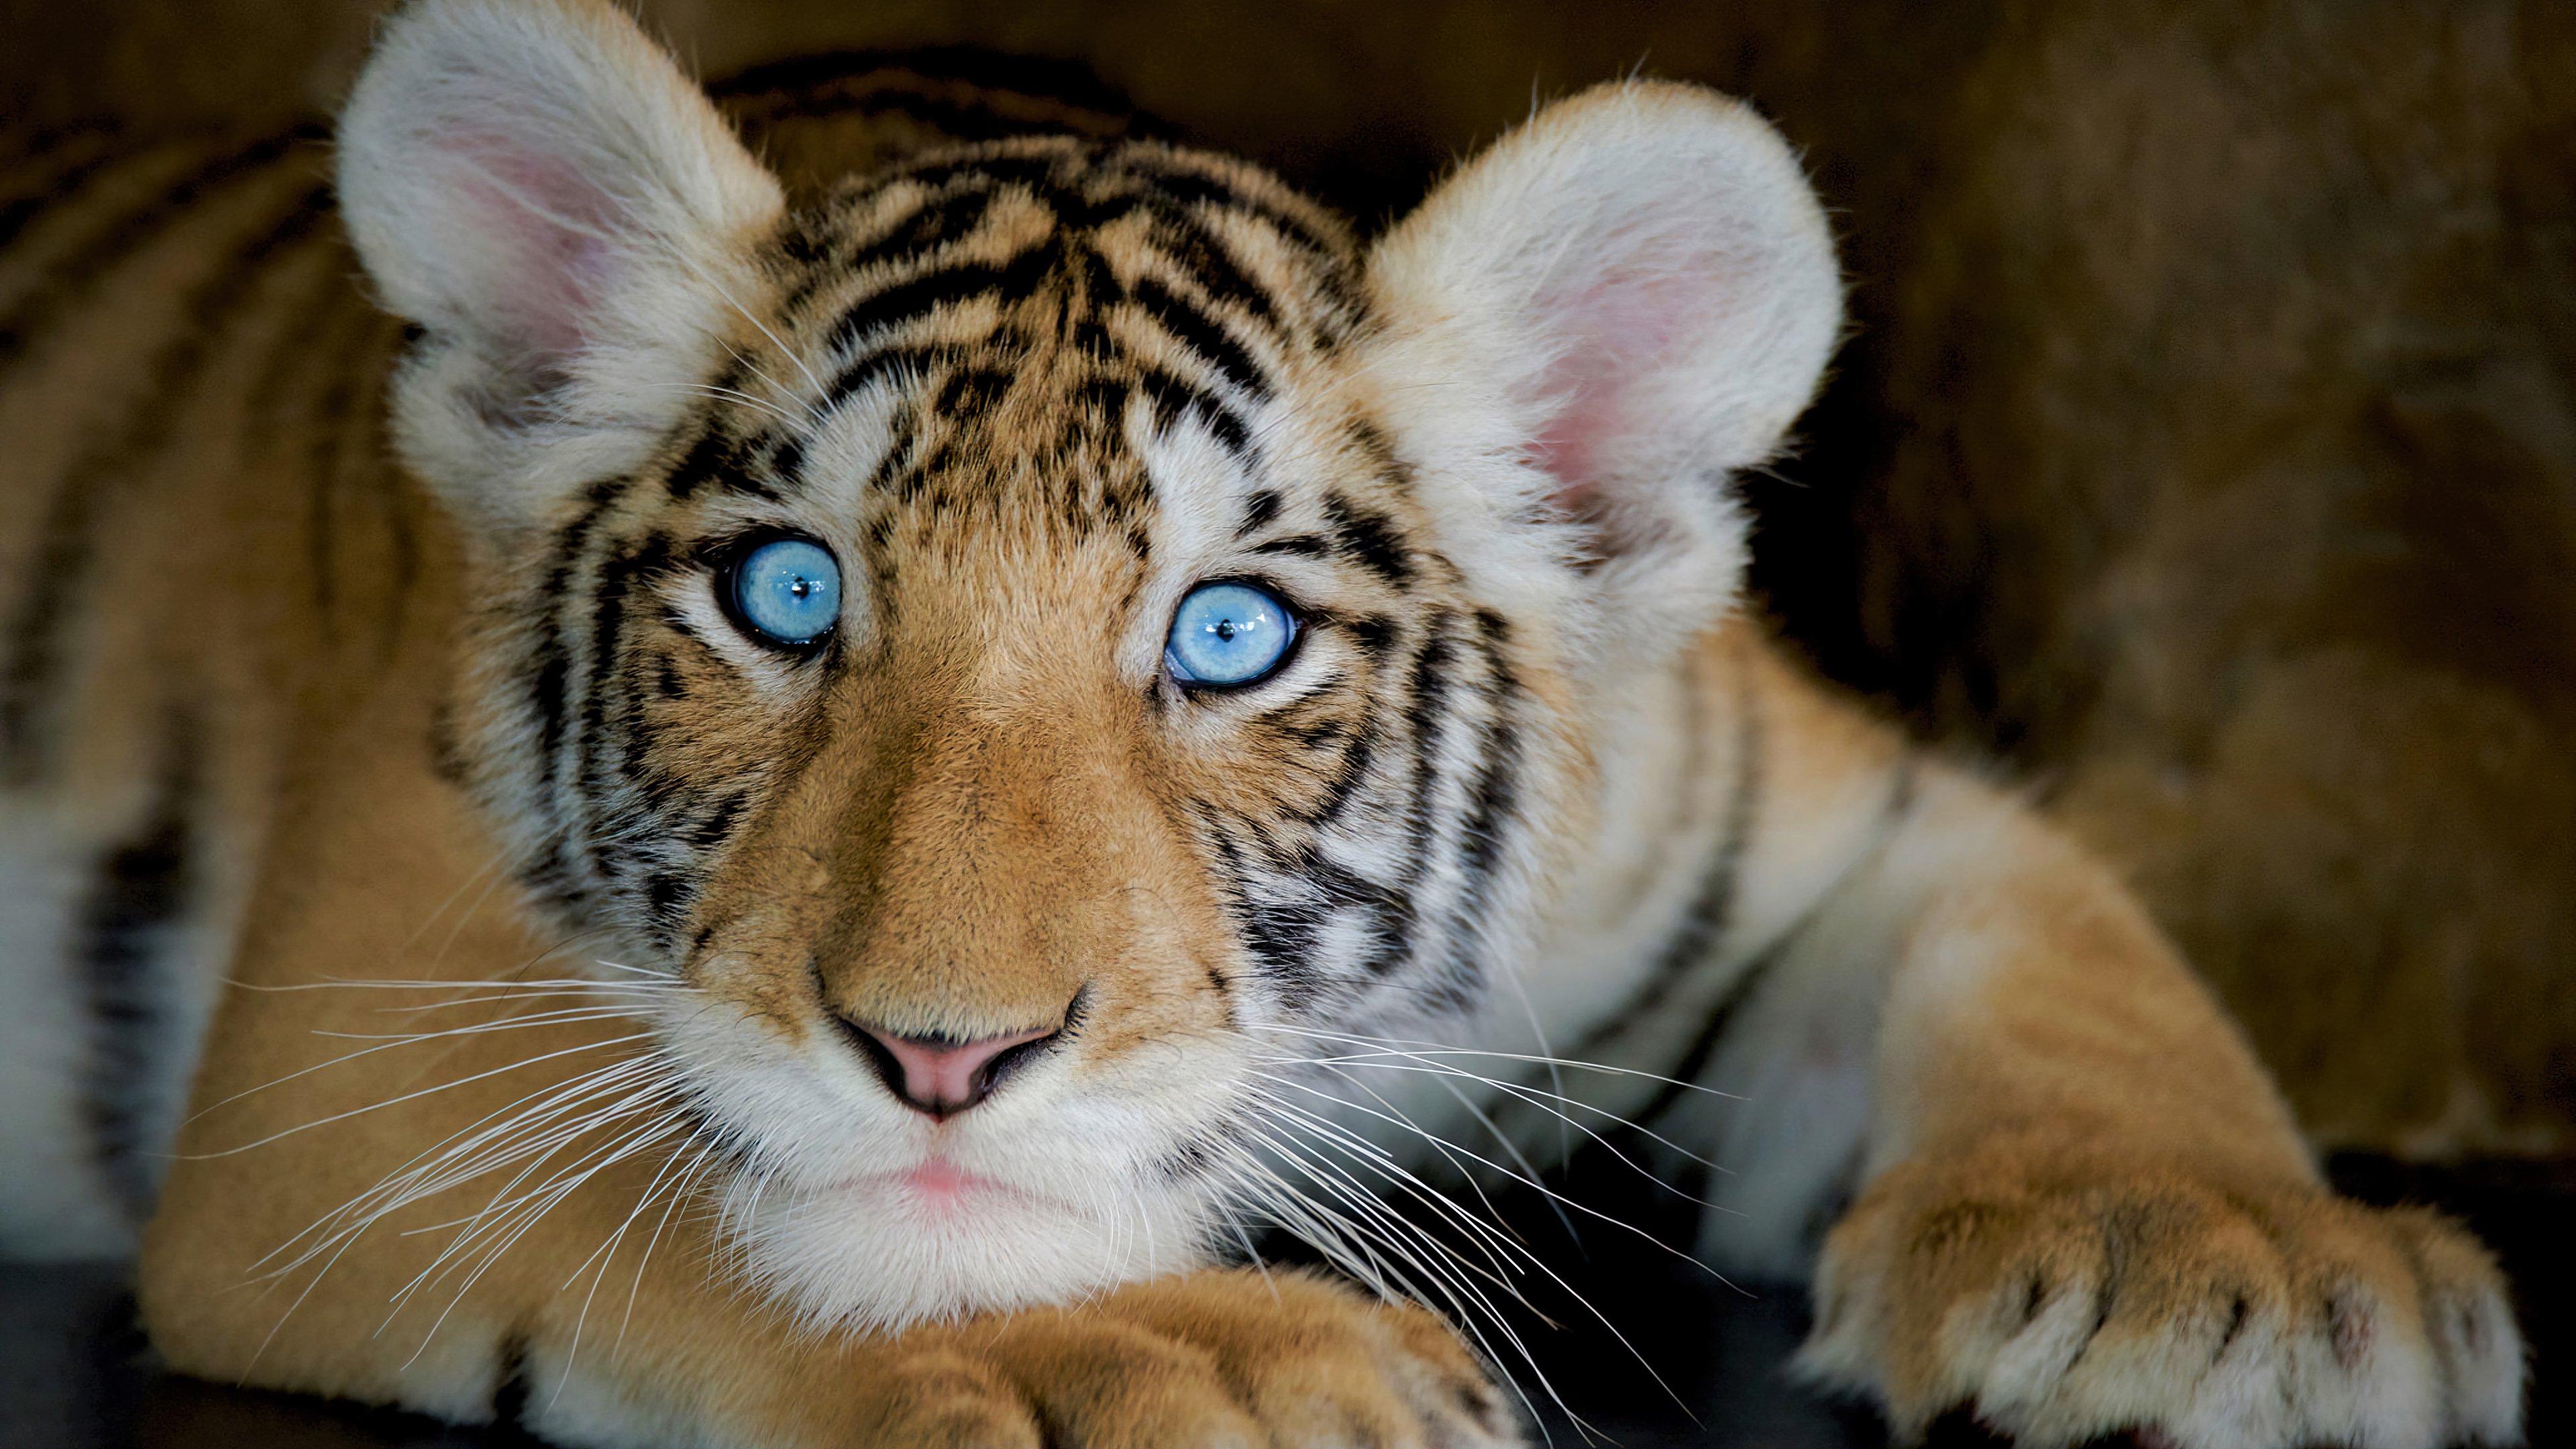 Fondos de pantalla Tigre con ojos azules